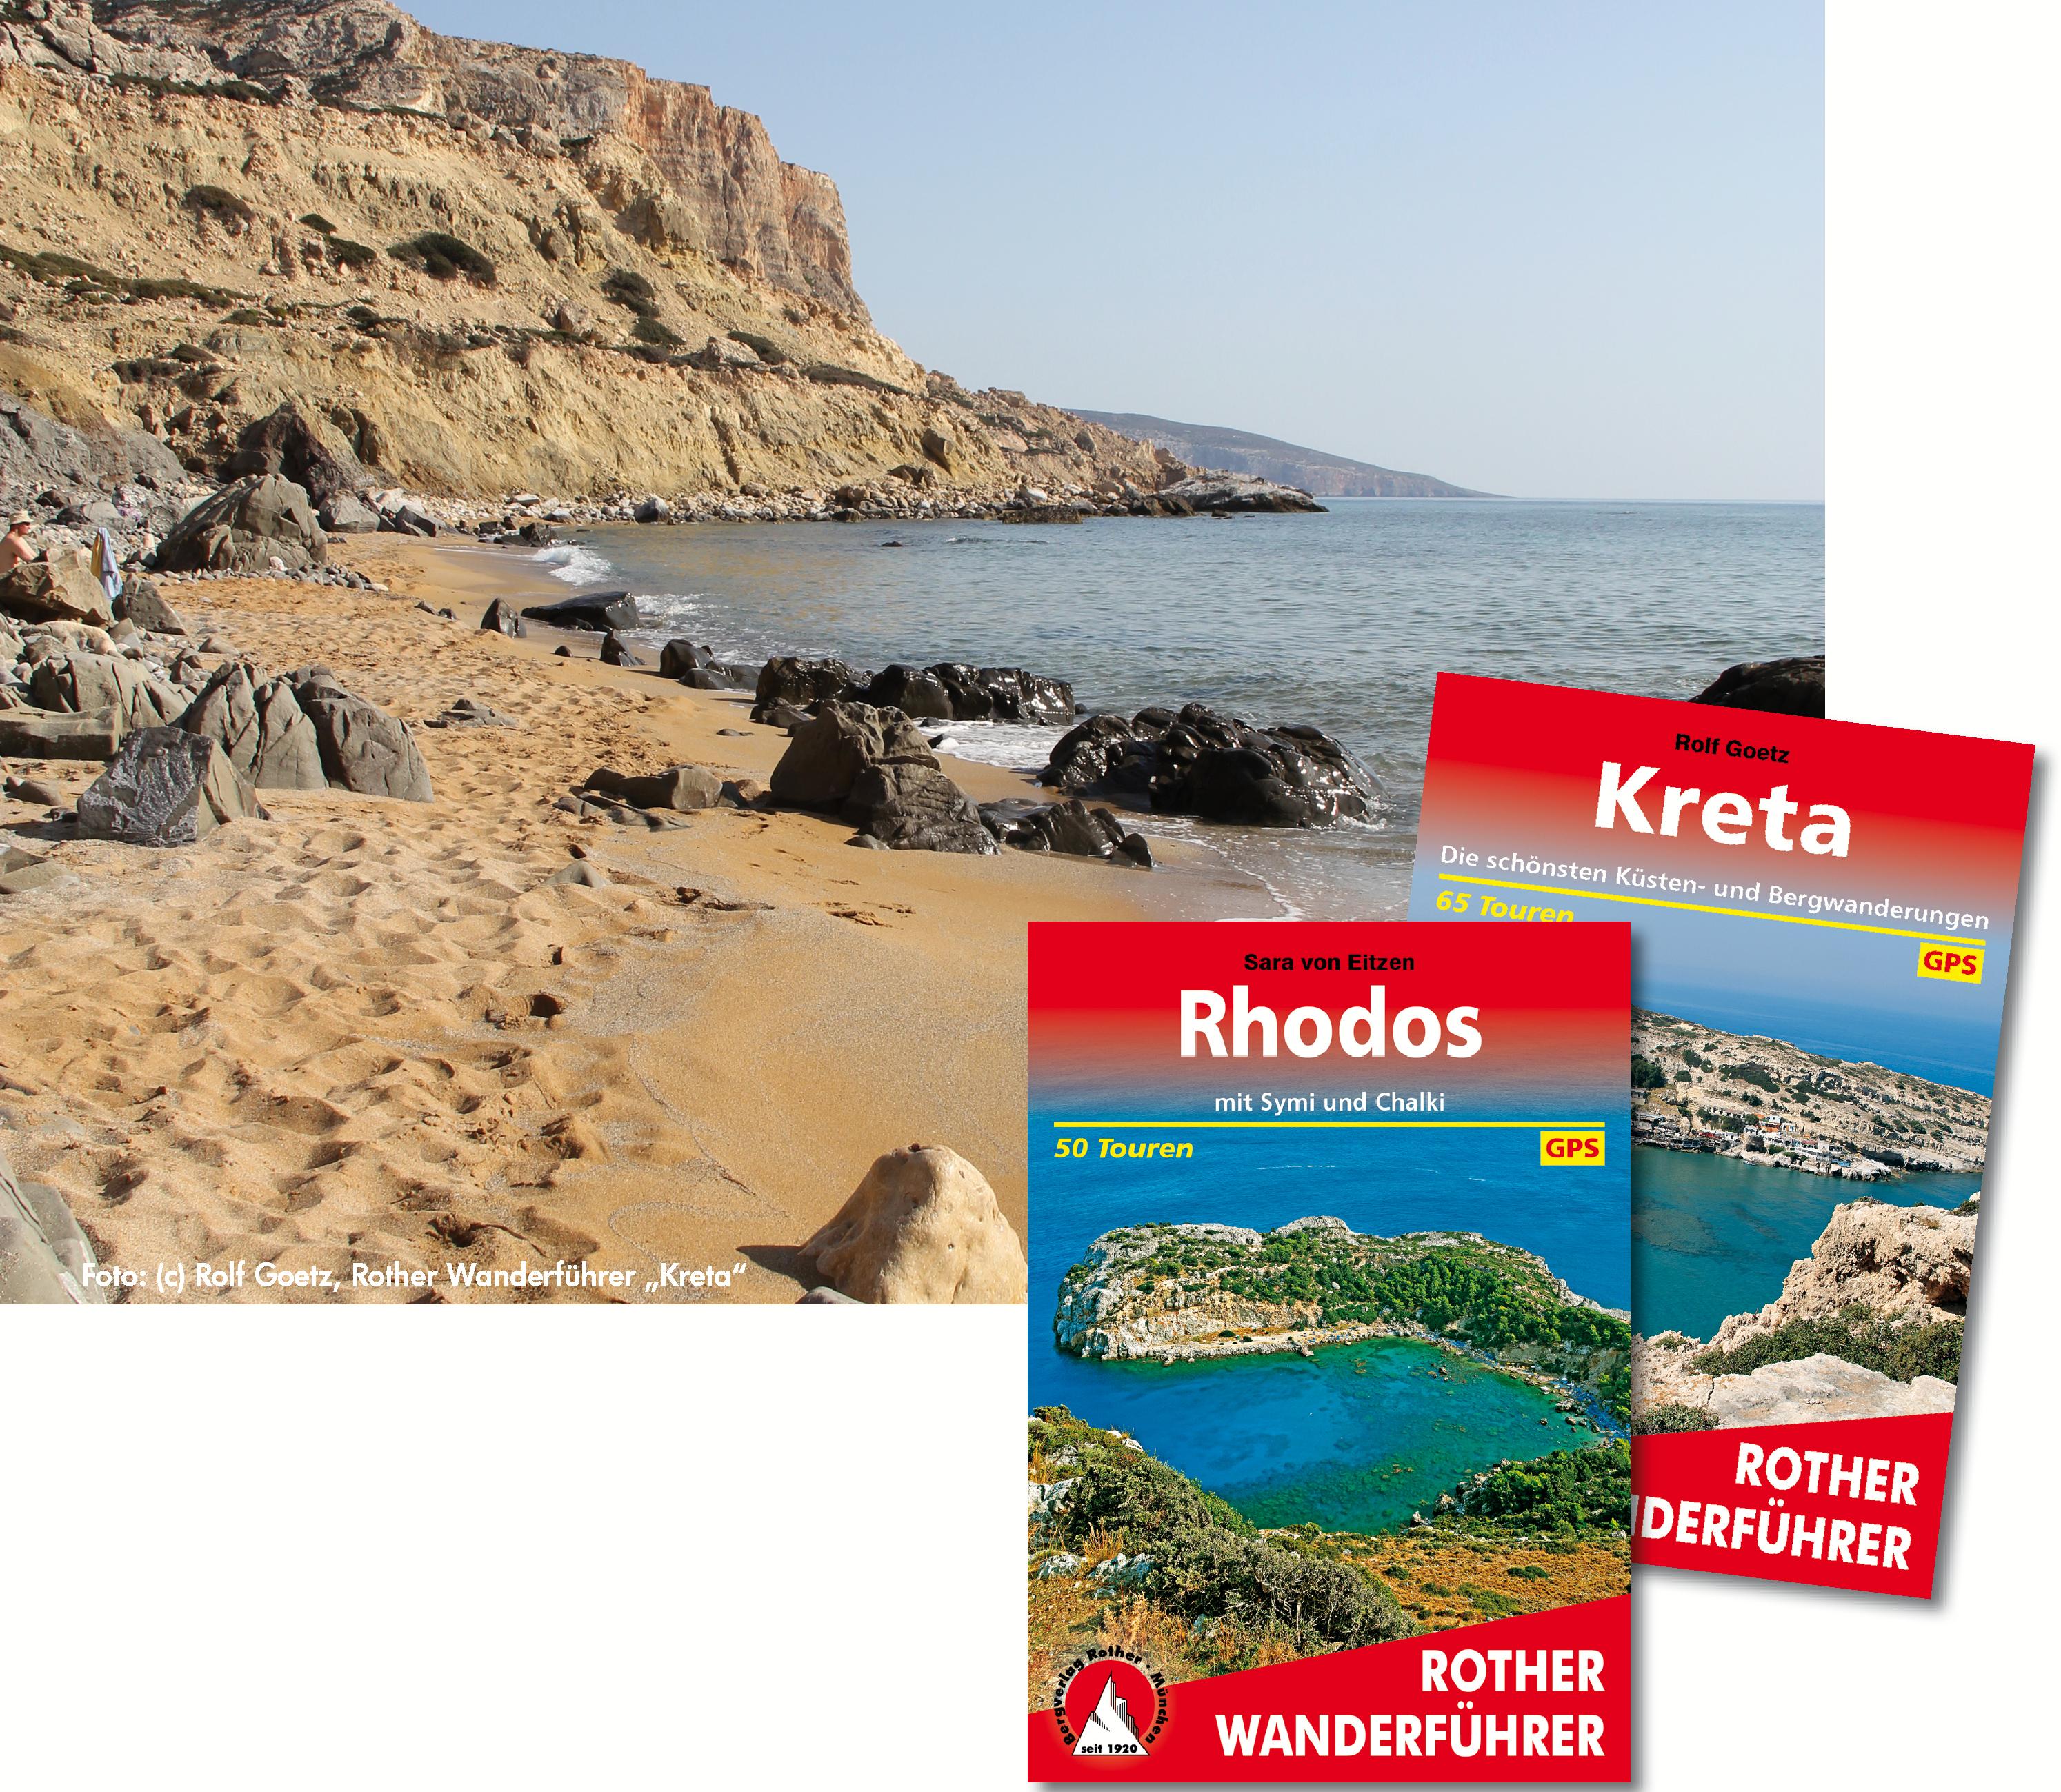 Kreta_Rhodos_Bild